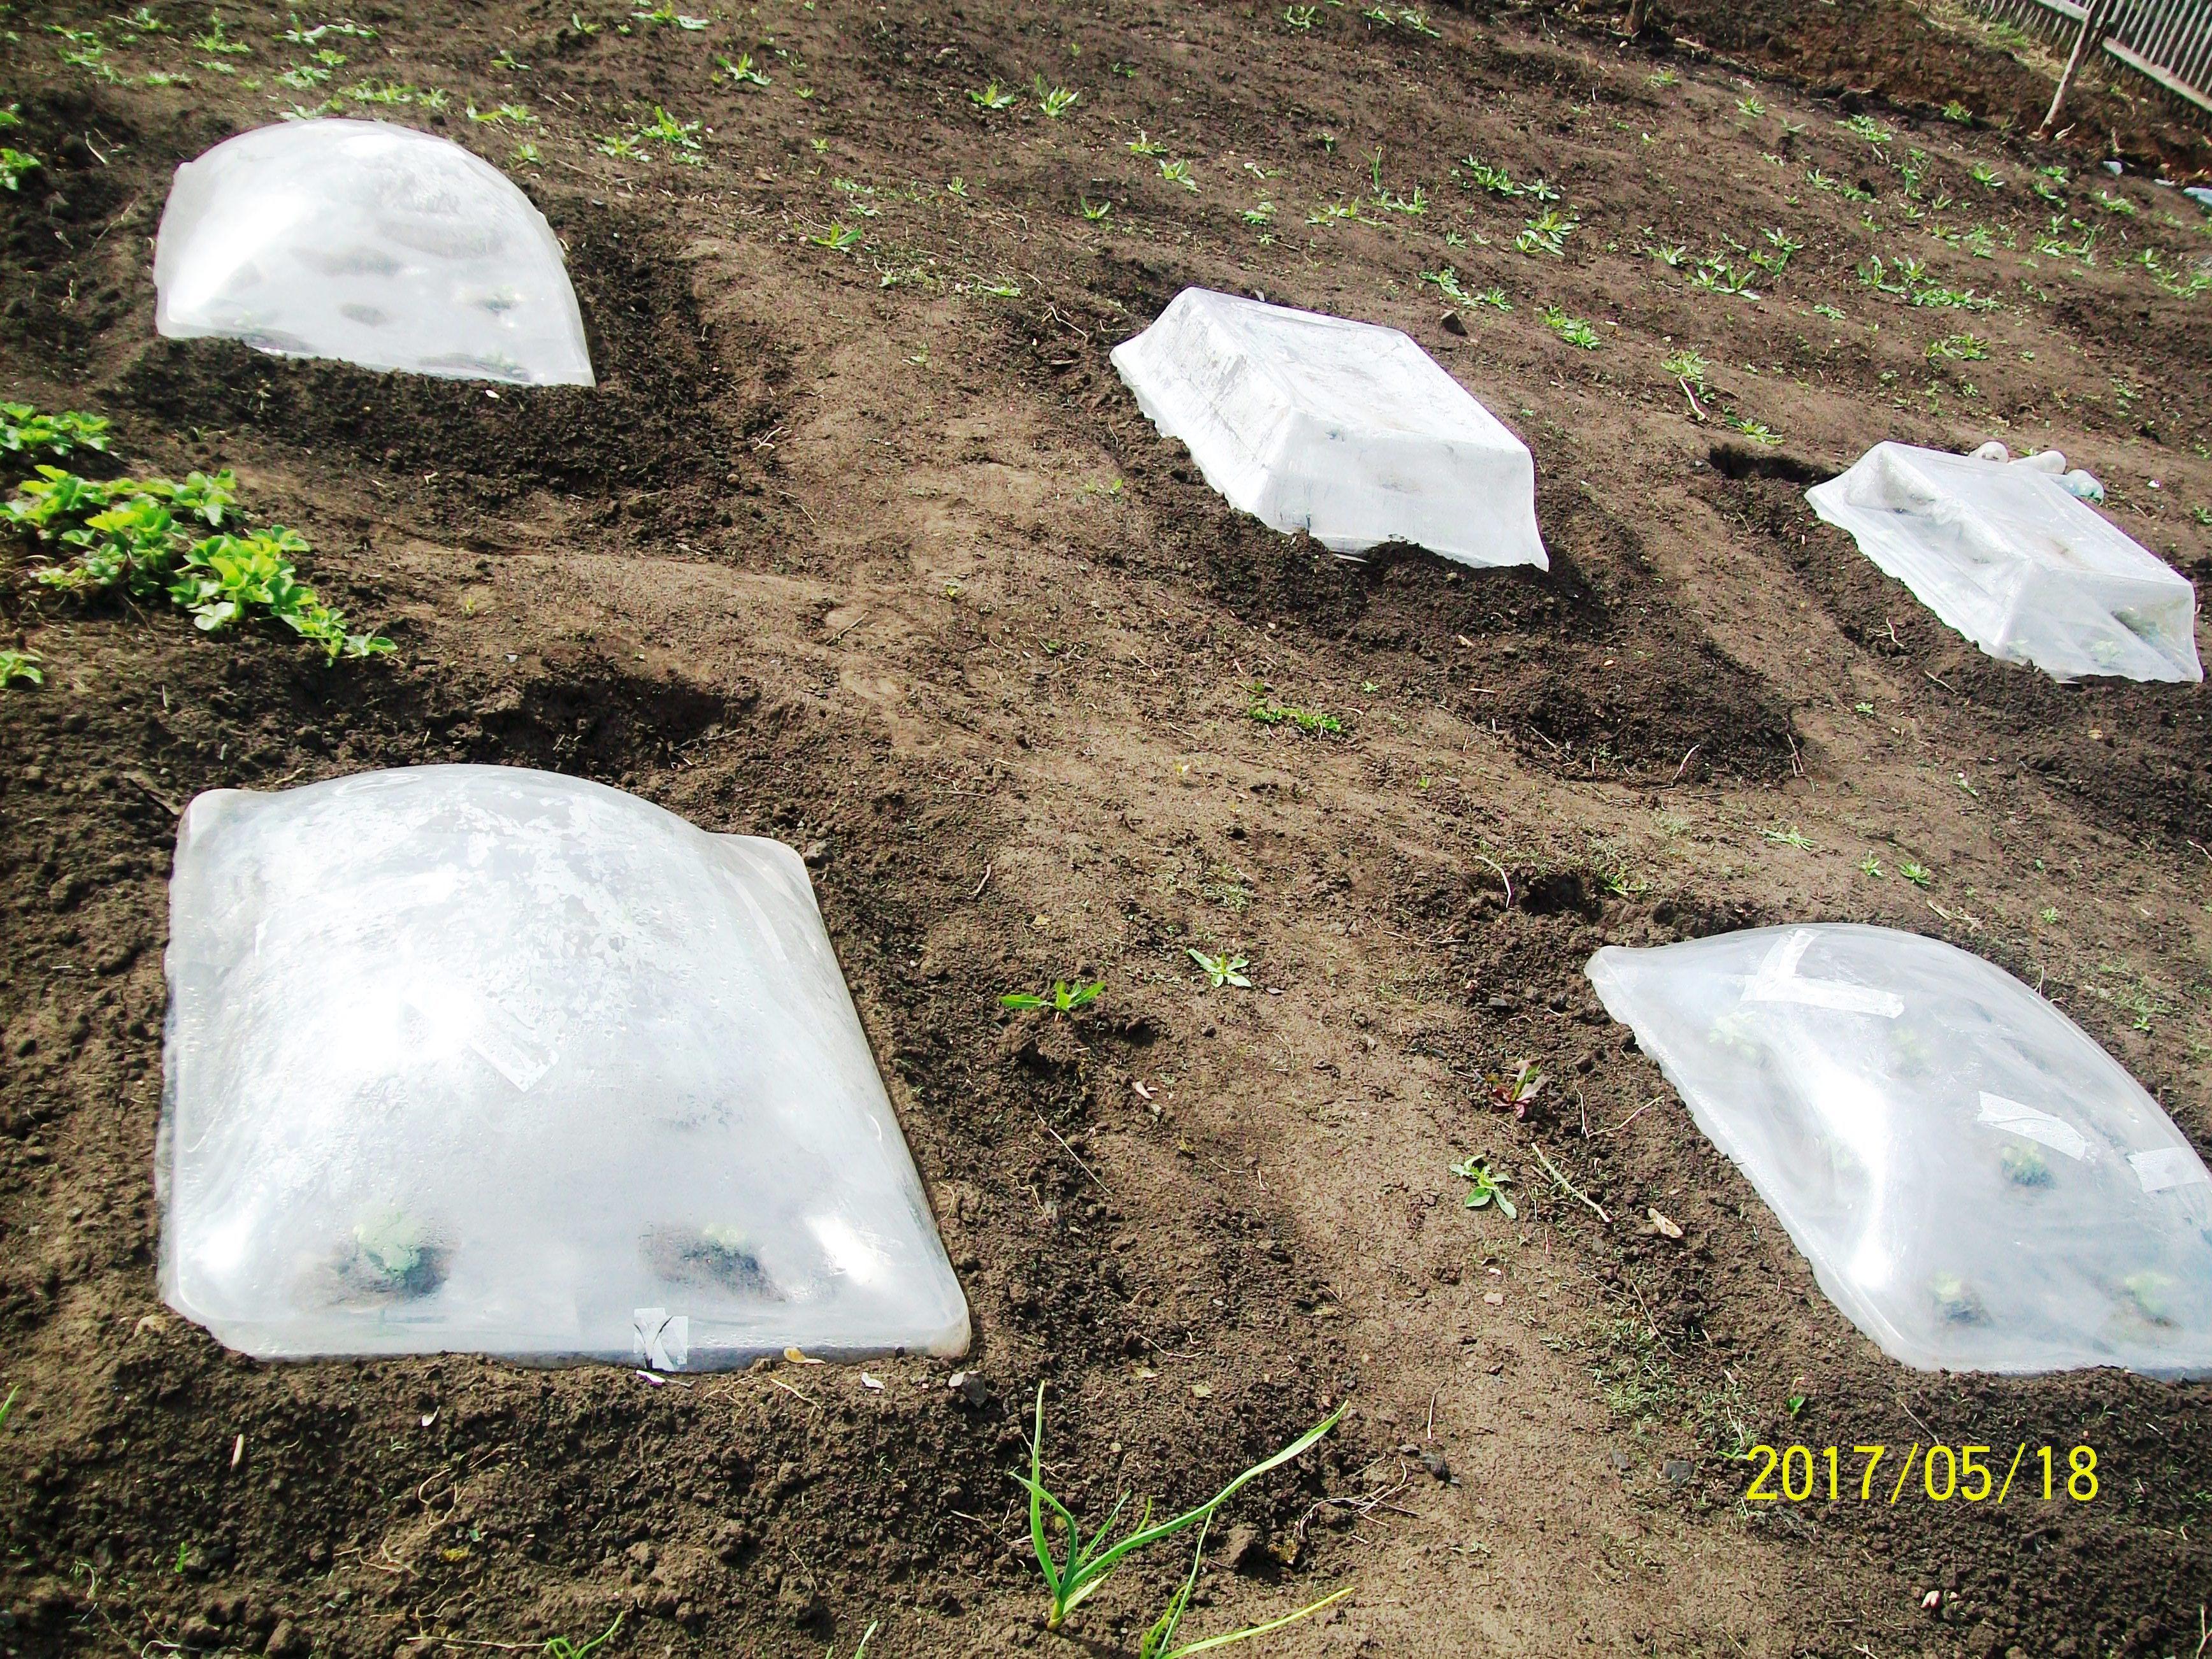 Для защиты от холодов ростки надежно защищены минипарниками,май 2017